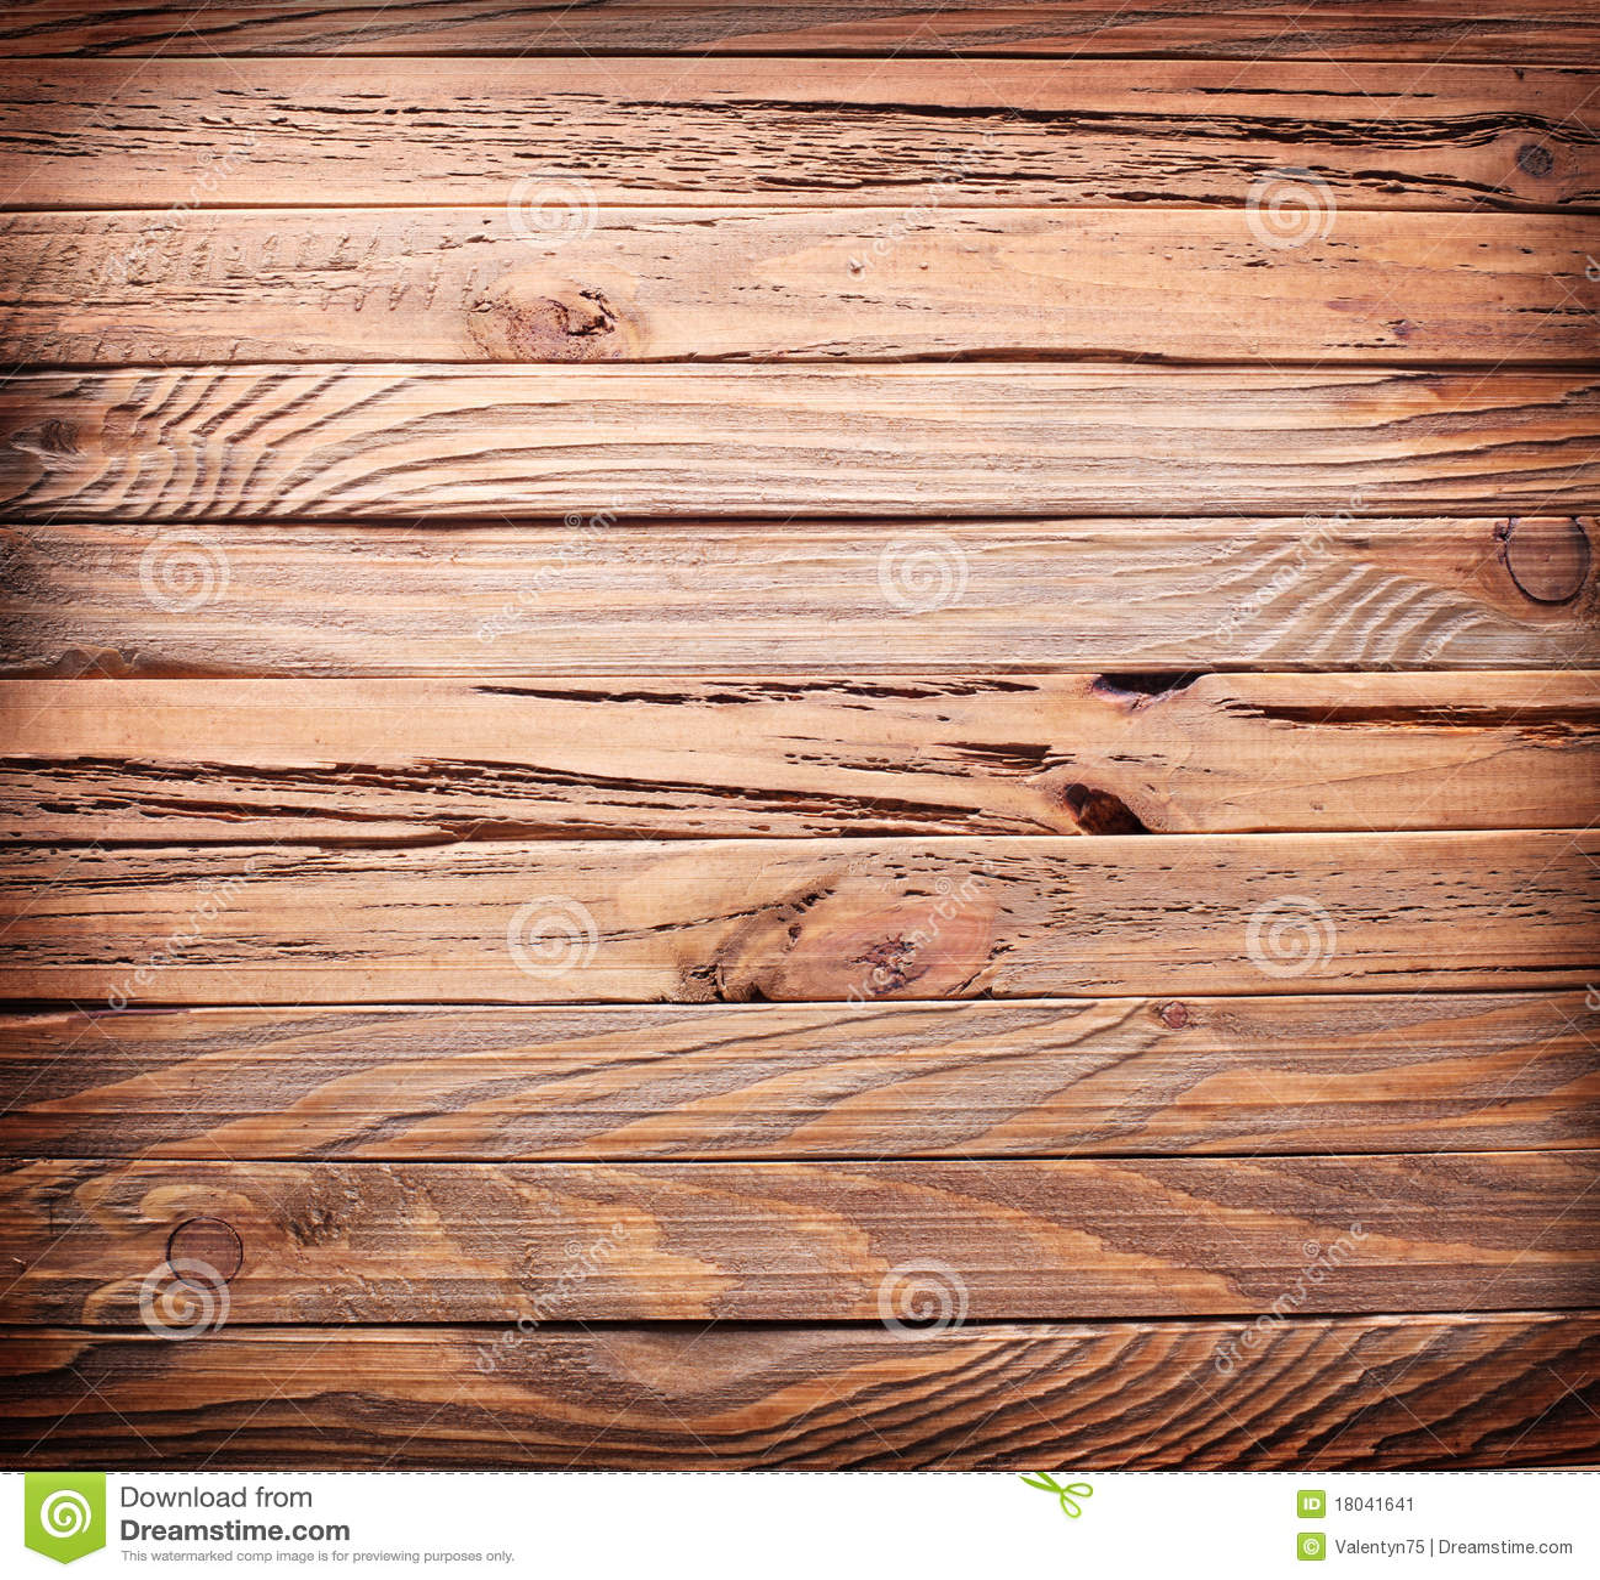 Textura de tablones de madera viejos imagen de archivo - Tablones de madera baratos ...